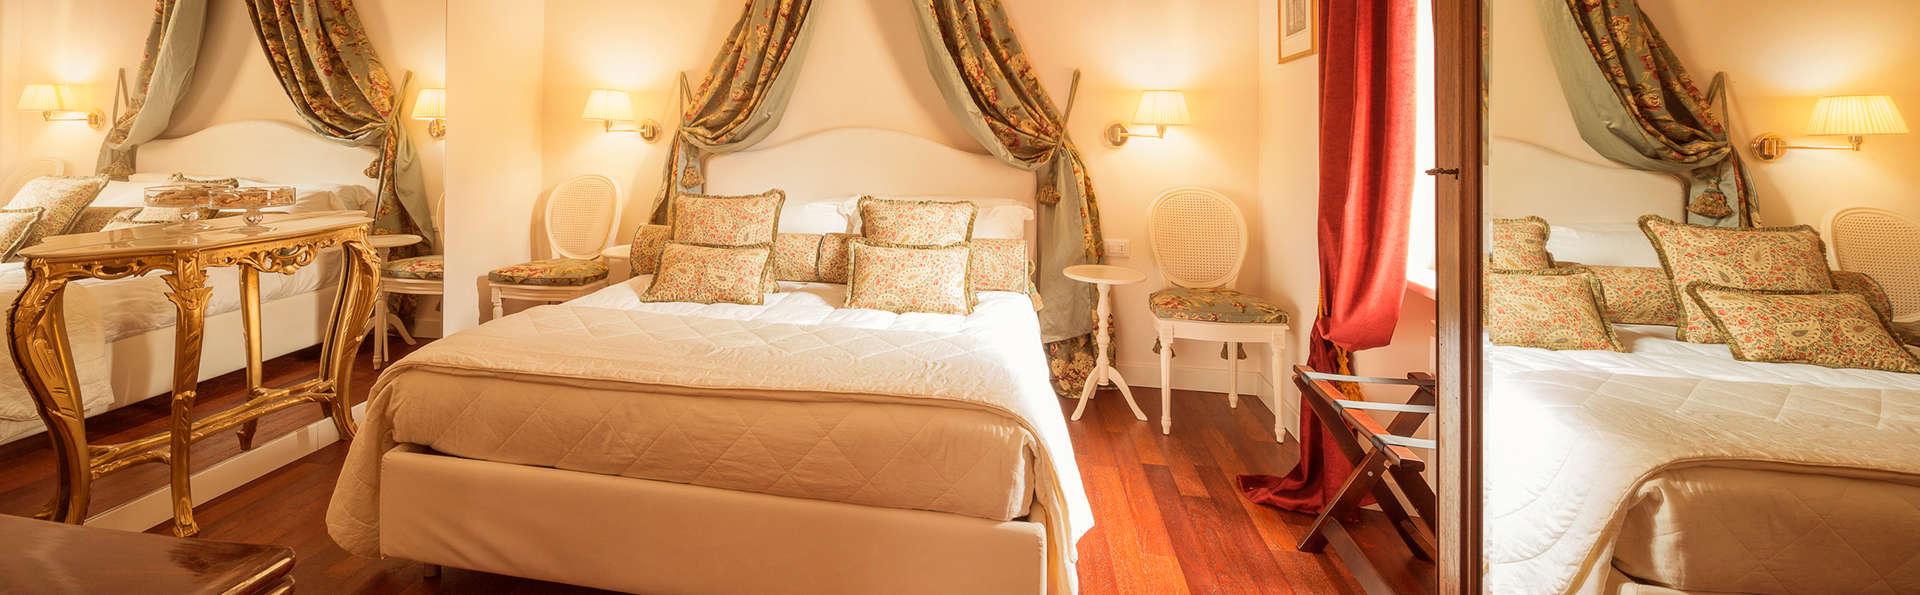 Séjour avec surclassement en chambre Deluxe à Vicoforte dans une villa du 19ème siècle